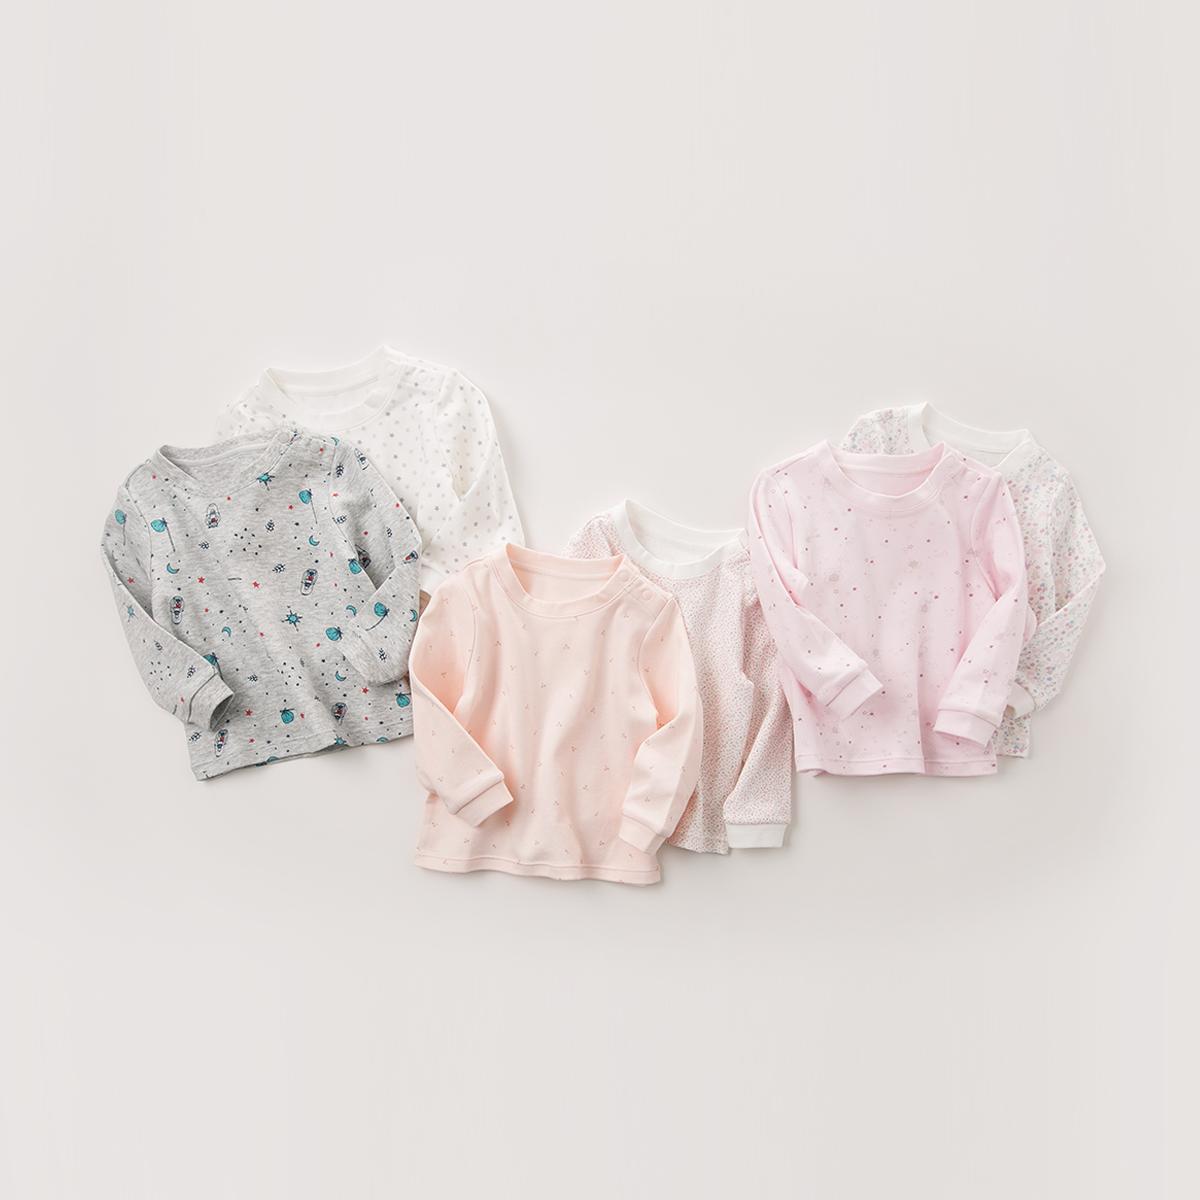 【两件装】davebella戴维贝拉春秋男女童内衣婴幼儿家居服DB4620